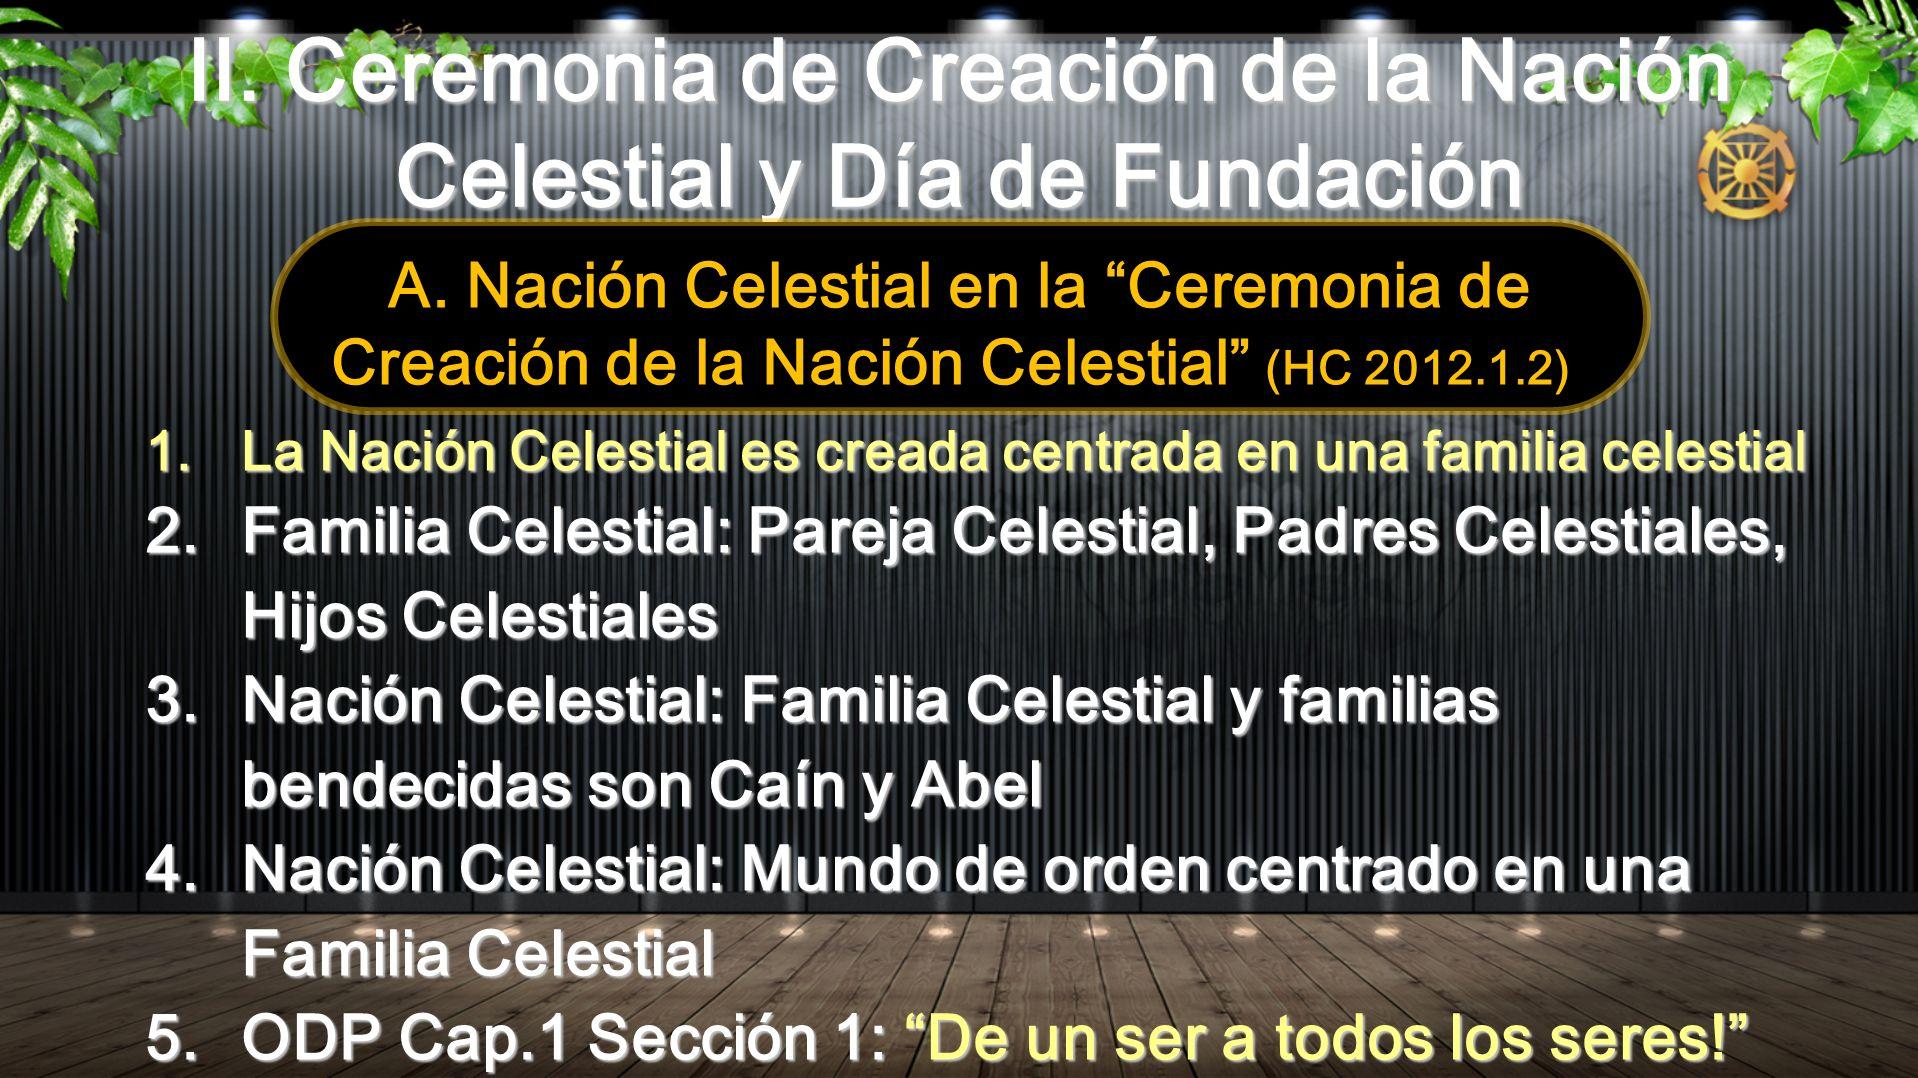 II. Ceremonia de Creación de la Nación Celestial y Día de Fundación